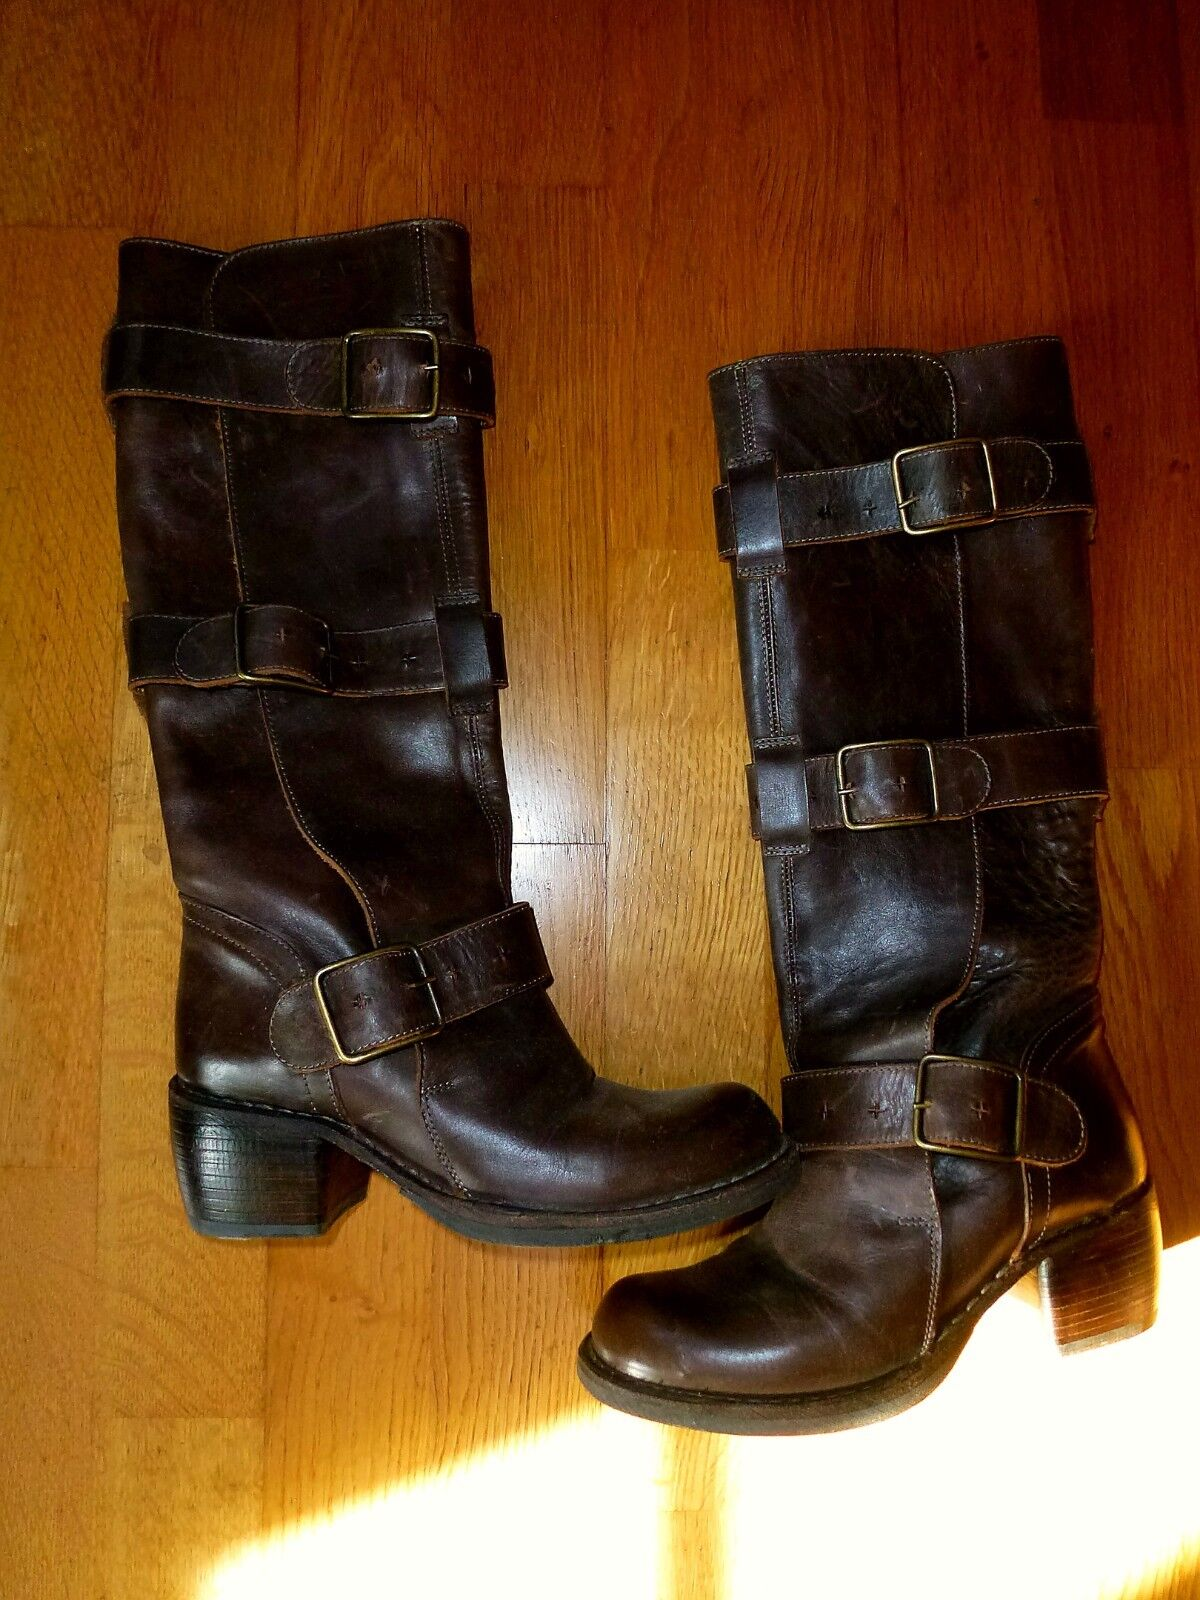 FIORENTINI Stiefel  BAKER Mellow Buckle Stiefel FIORENTINI 35 / 36 braun 5e4377